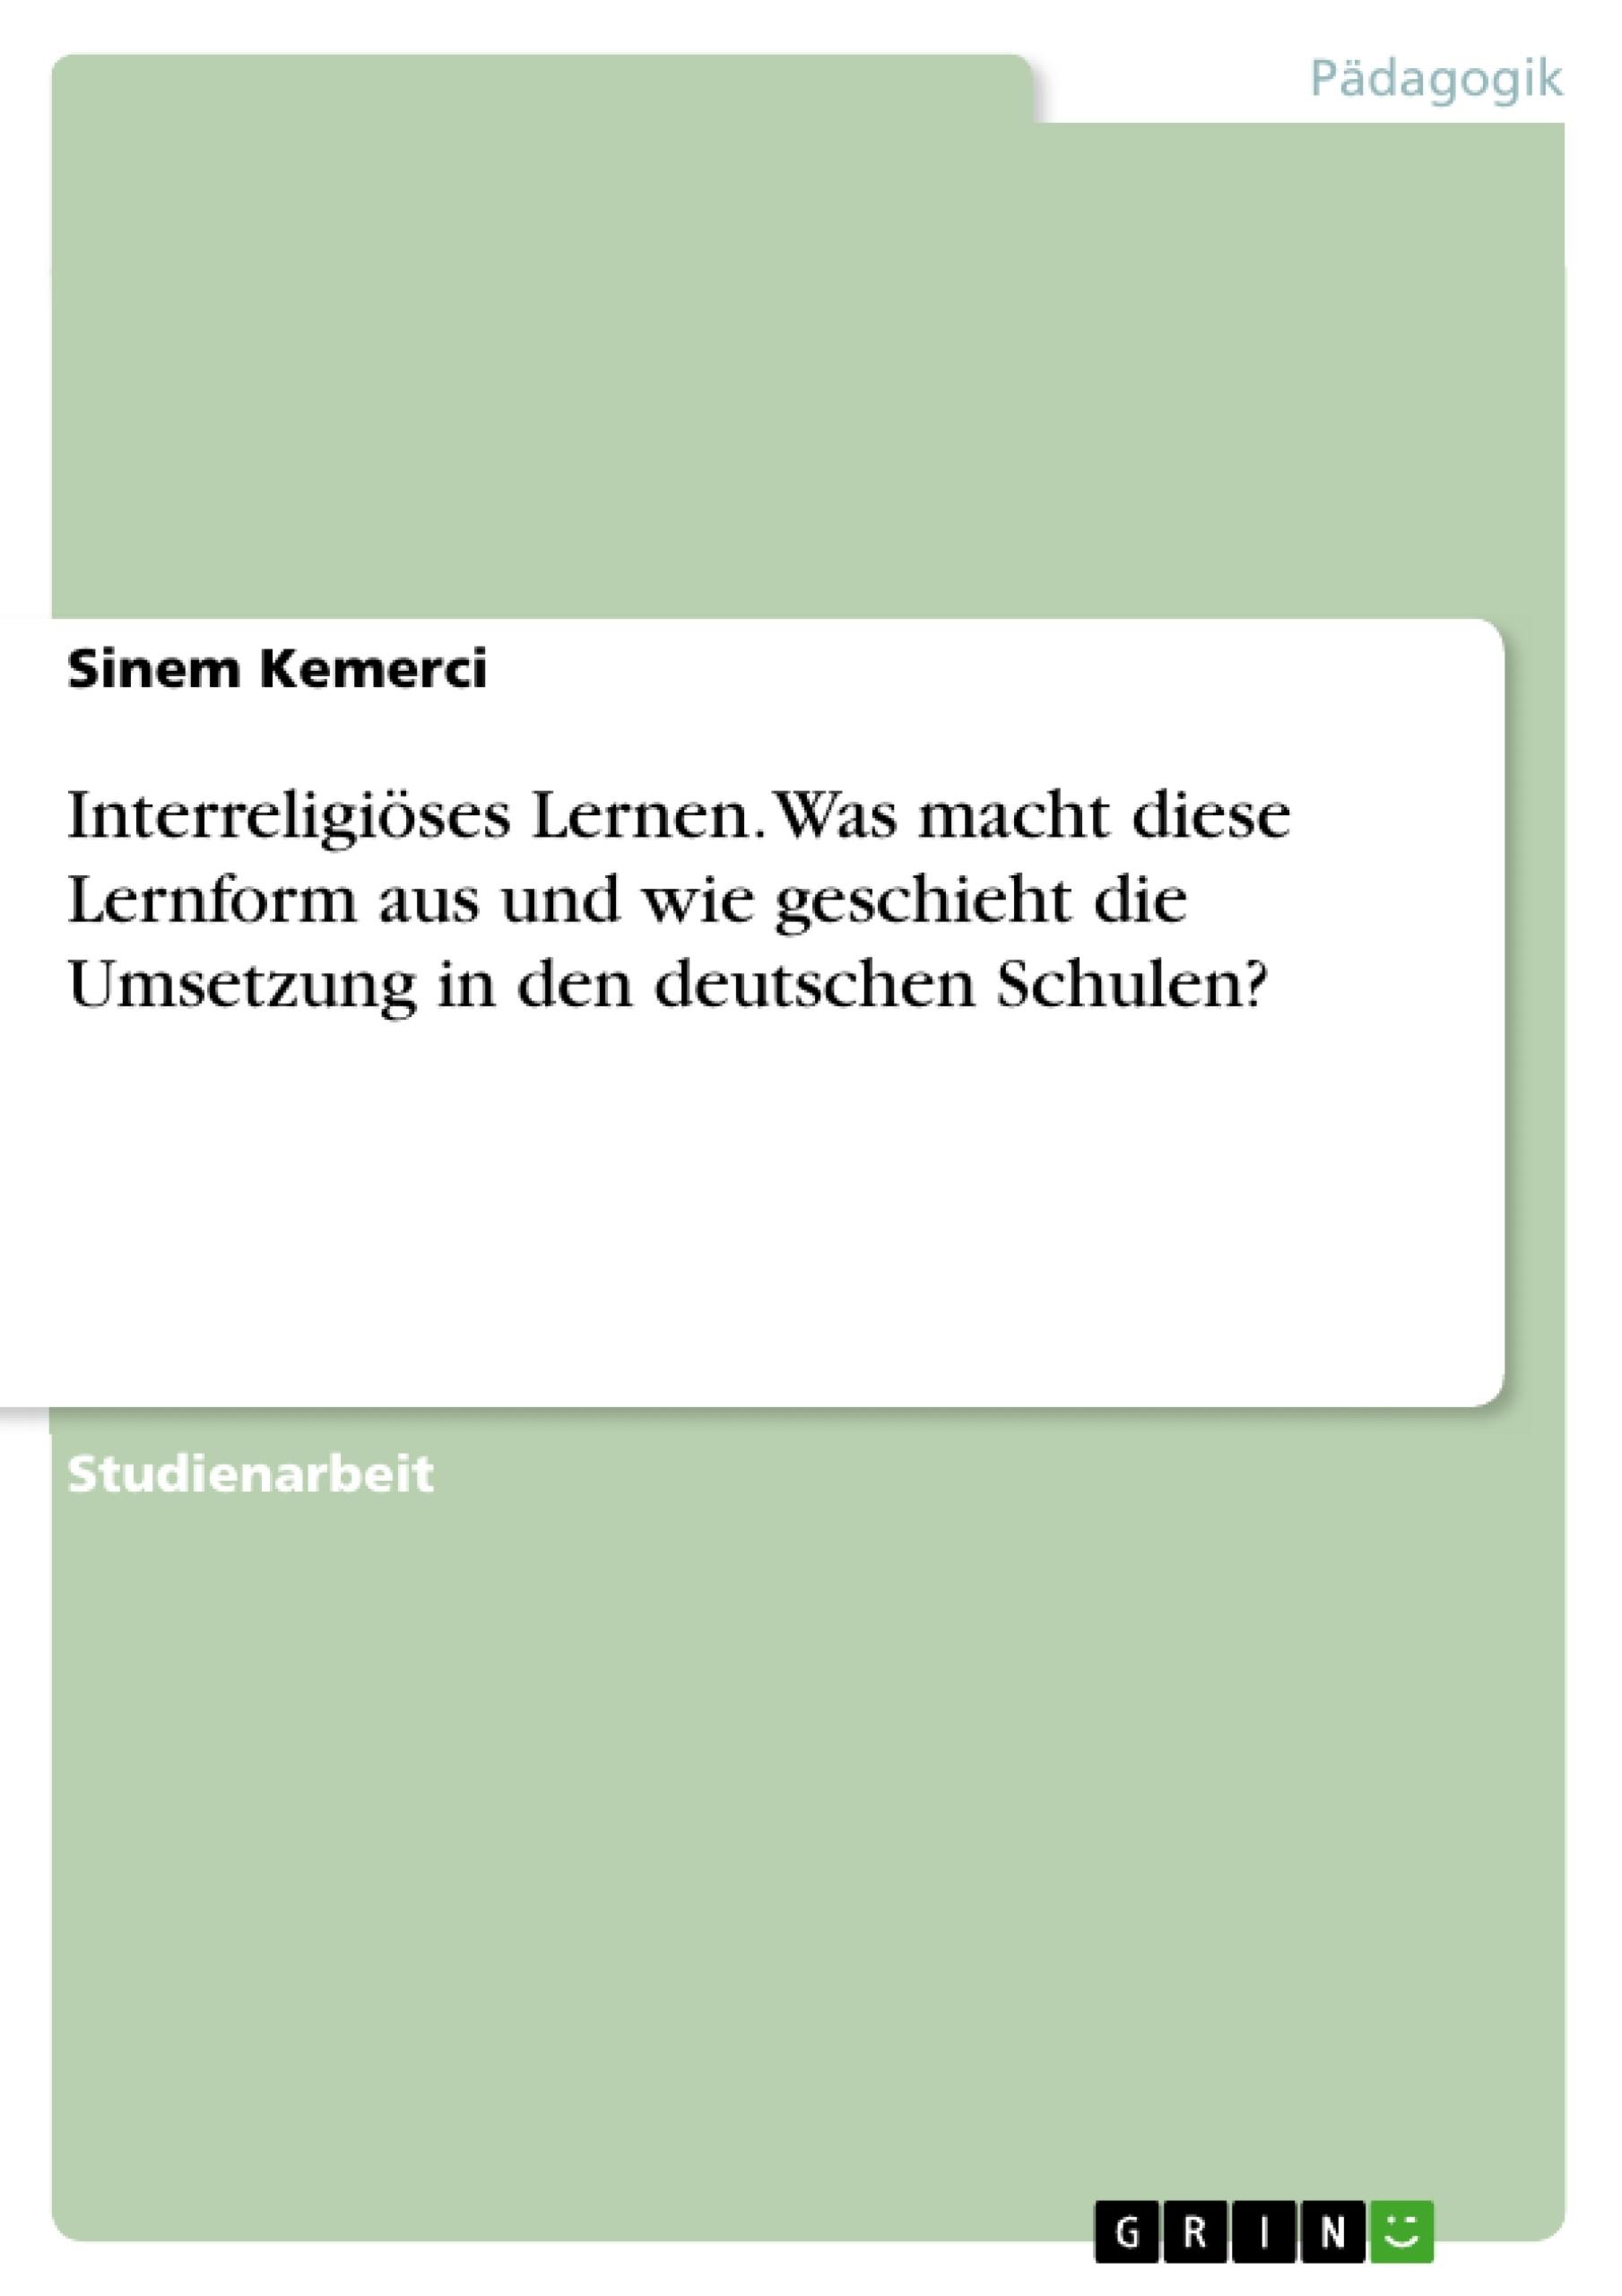 Titel: Interreligiöses Lernen. Was macht diese Lernform aus und wie geschieht die Umsetzung in den deutschen Schulen?